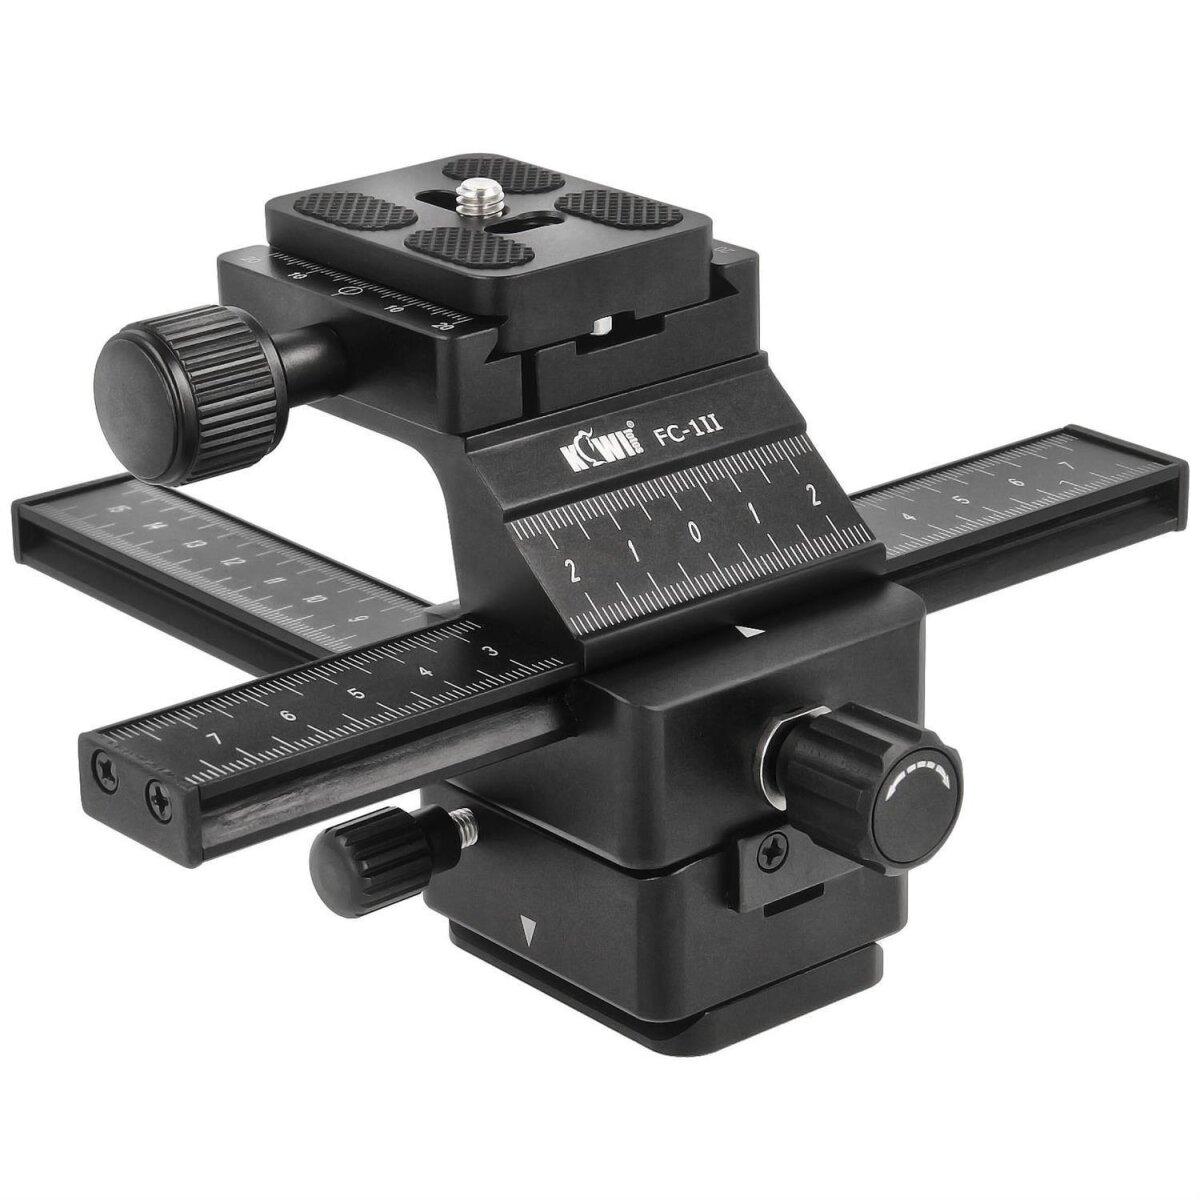 KiwiFoto FC-1II Professioneller 16cm 3D Einstellschlitten 4-Wege Makroschiene Kreuzschlitten für Panorama- und Makrofotografie